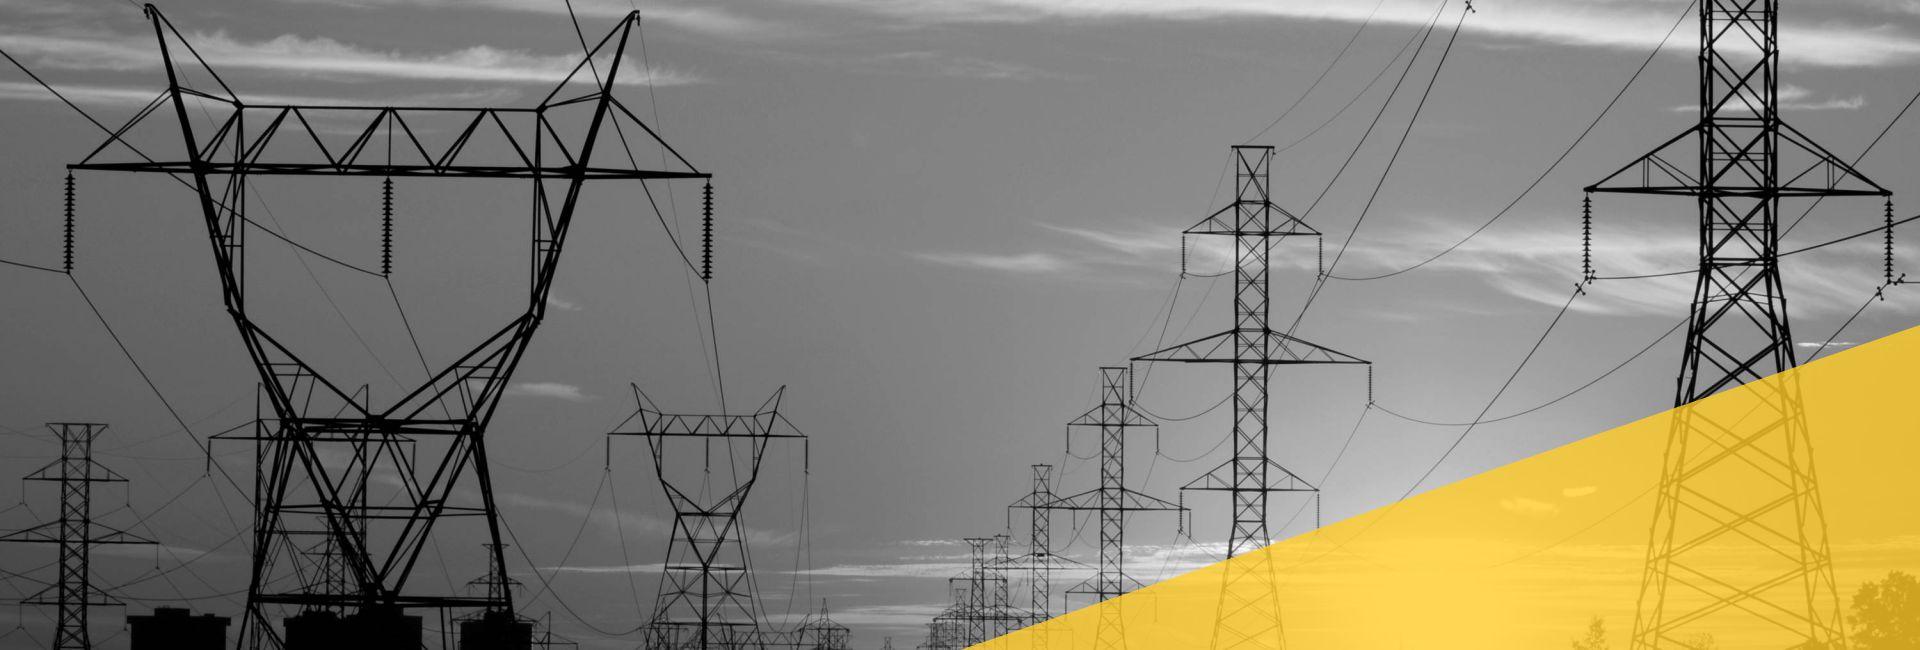 Energia - Transmissão, Geração, Comercialização   Energy - Transmission, Generation, Marketing